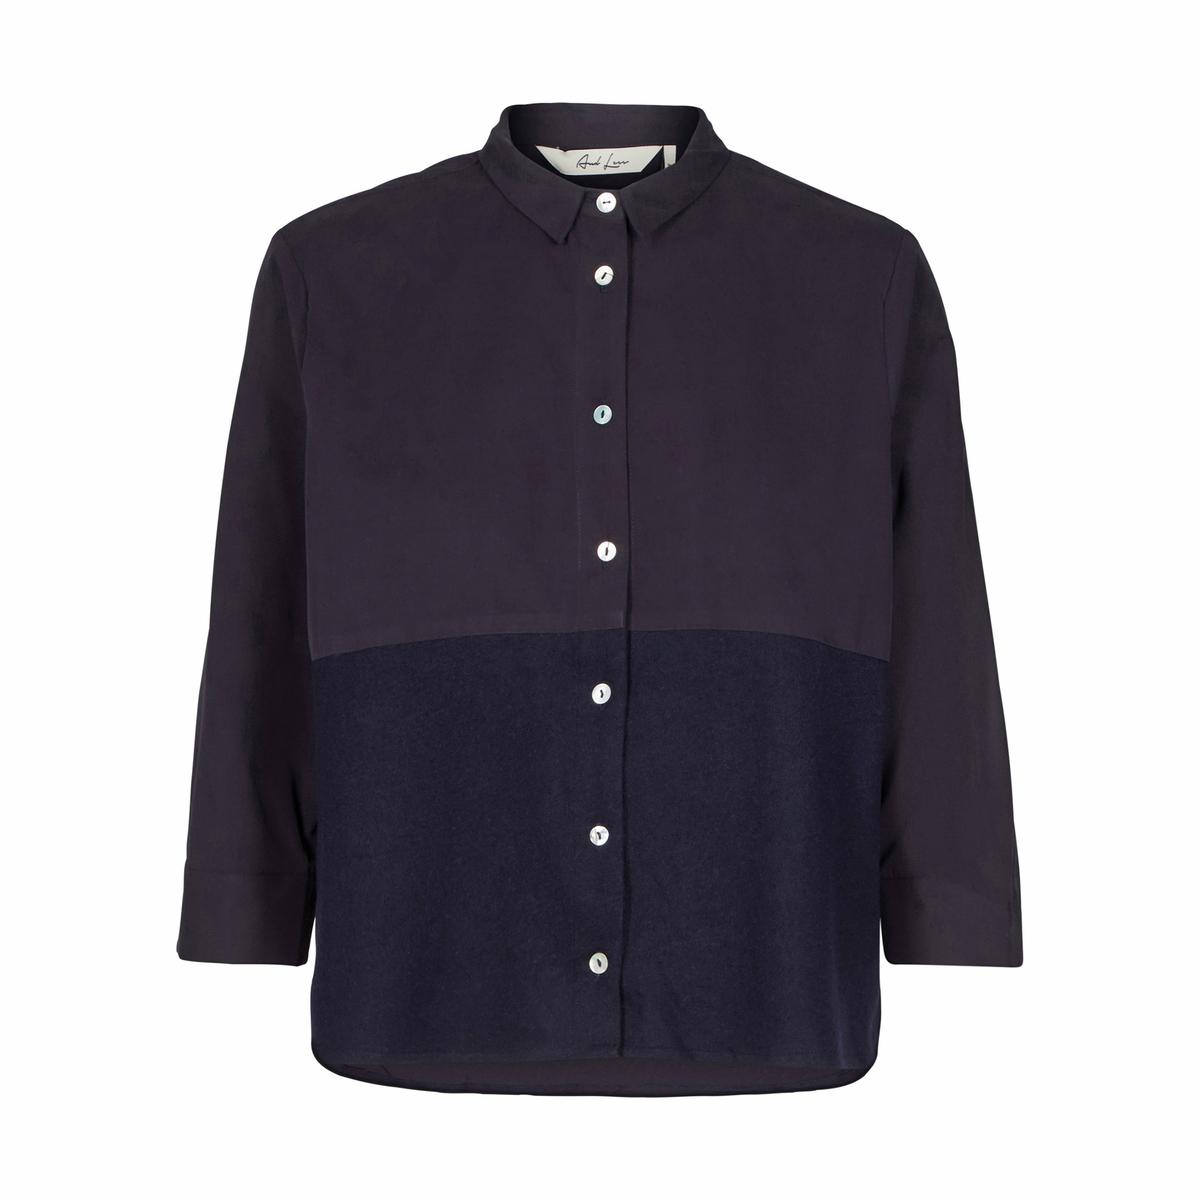 Рубашка с воротником-поло и рисункомДетали •  Длинные рукава •  Покрой бойфренд, свободный •  Воротник-поло, рубашечный Состав и уход •  35% хлопка, 65% полиэстера    •  Следуйте советам по уходу, указанным на этикетке<br><br>Цвет: синий морской